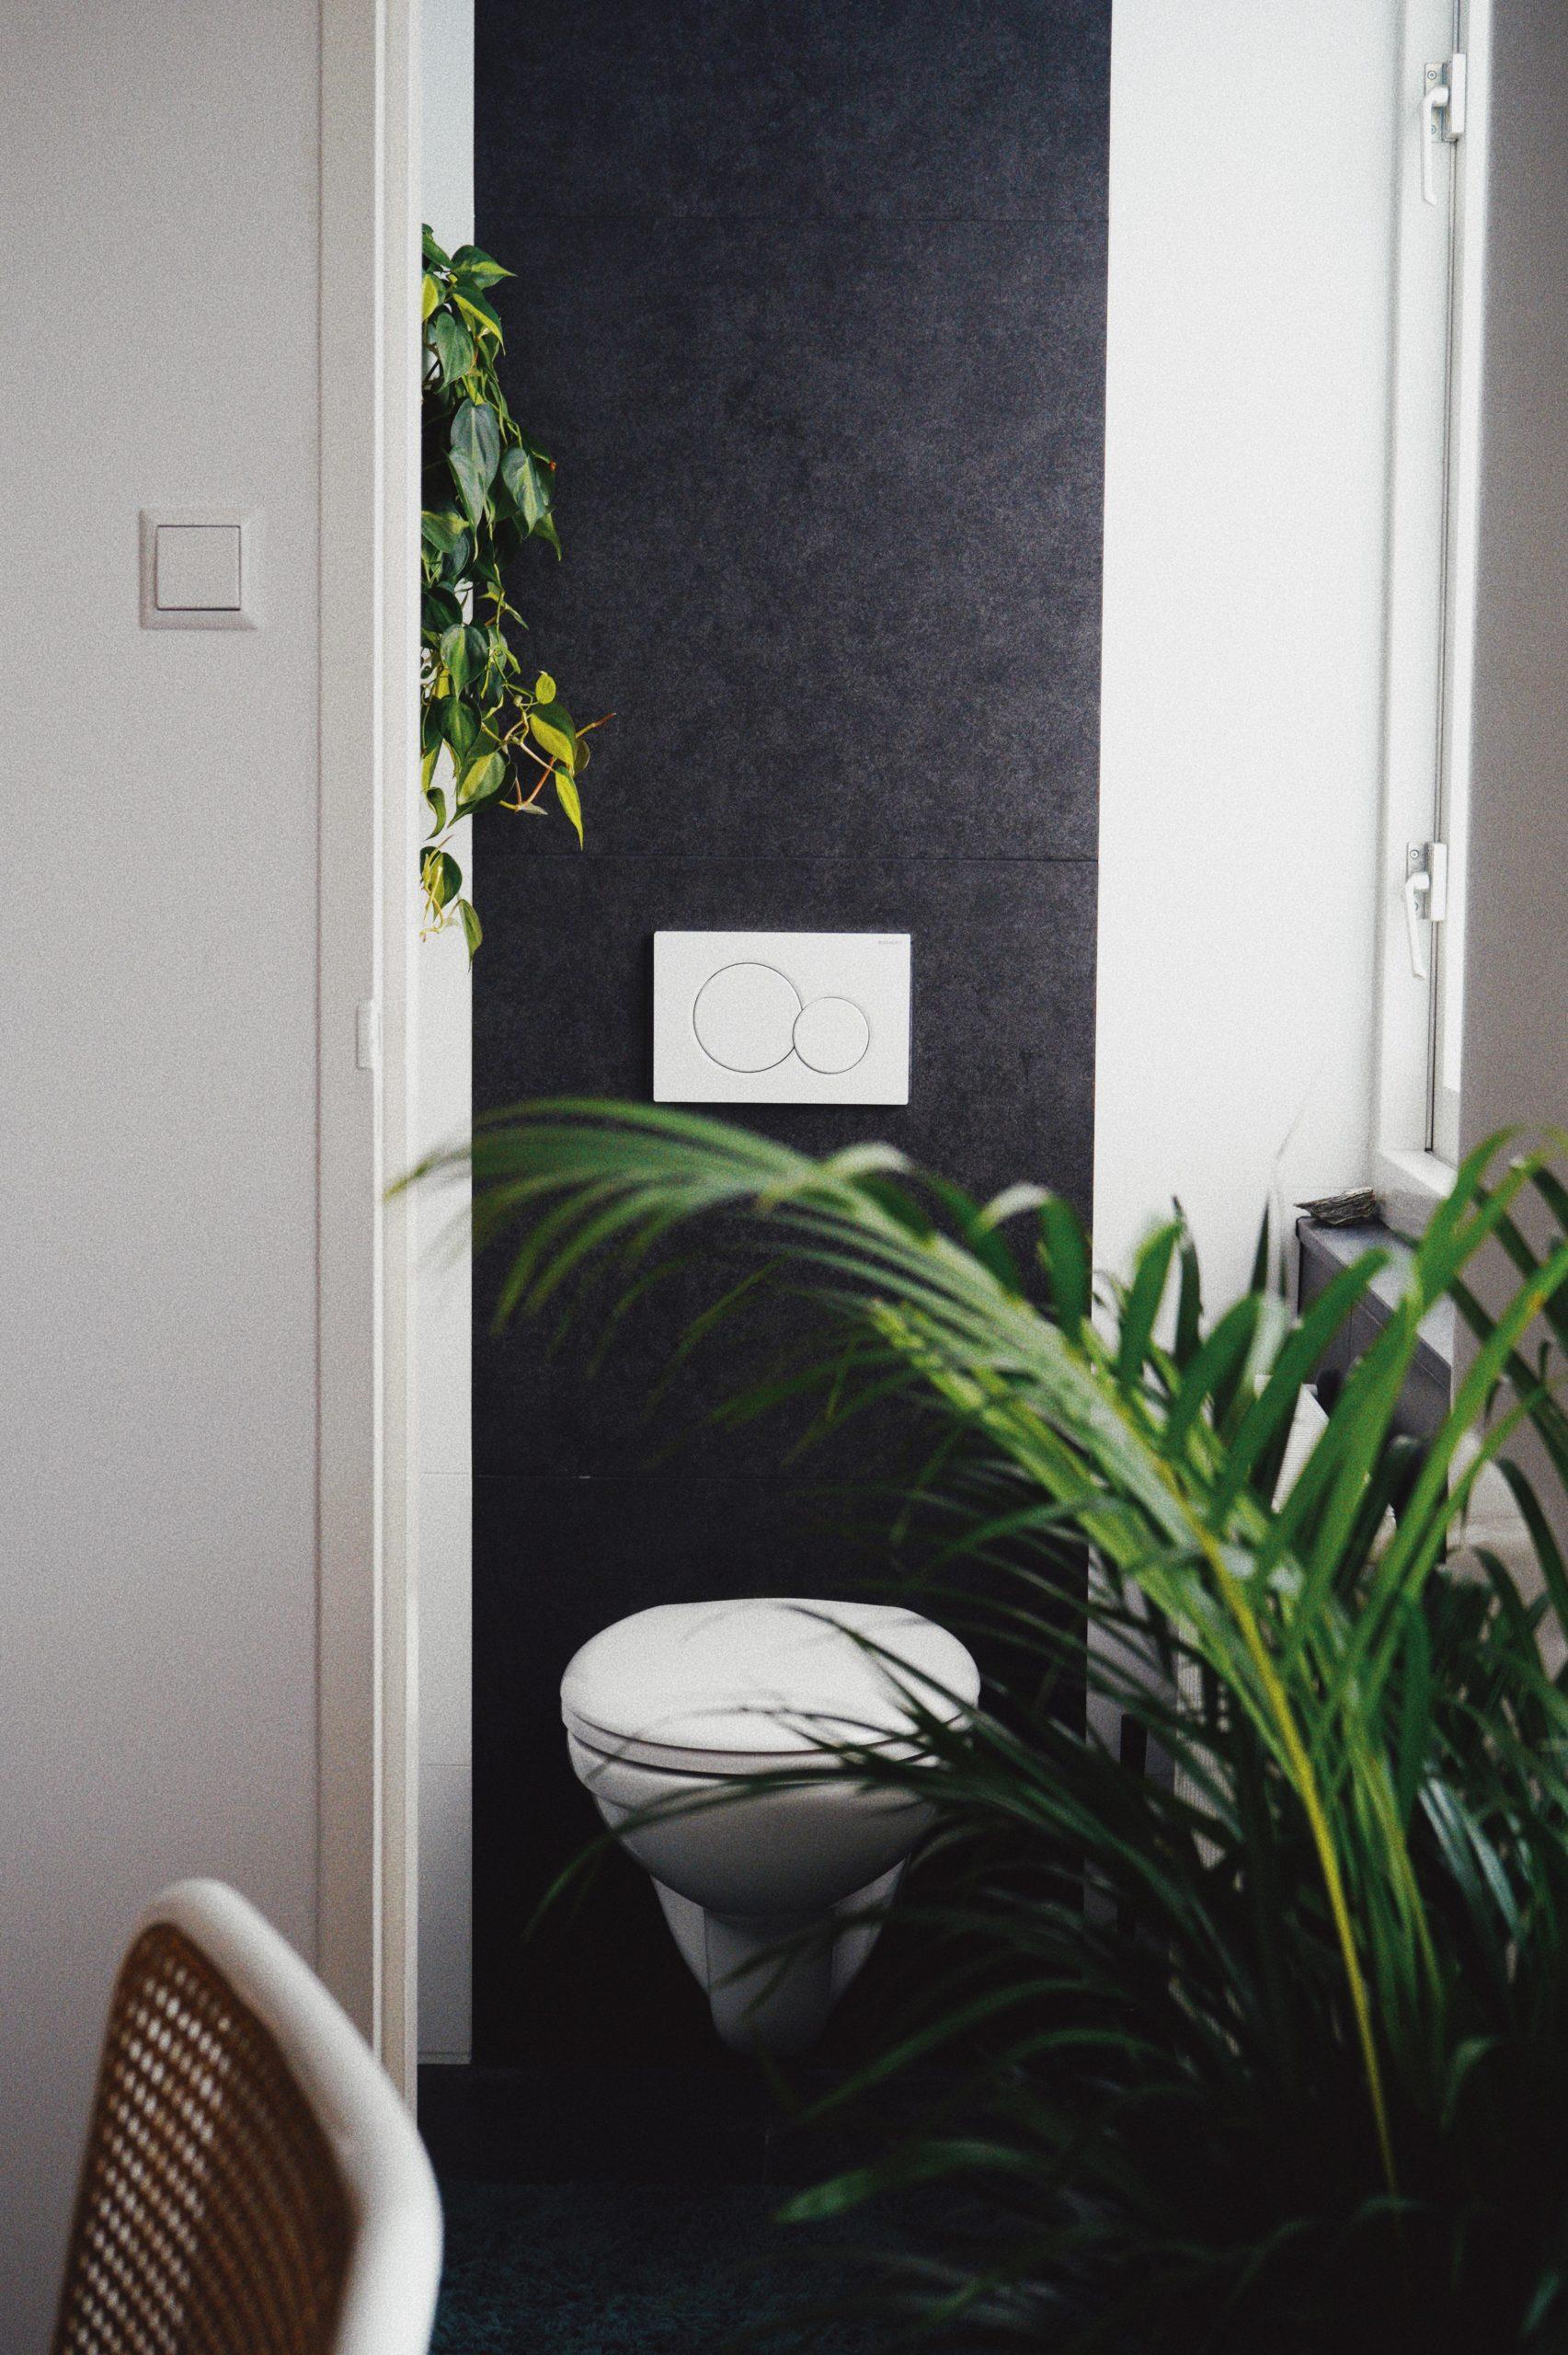 Stuhllehne und pflanze im Vordergrund toilette vor grauer Fliesenwand im hintergrund